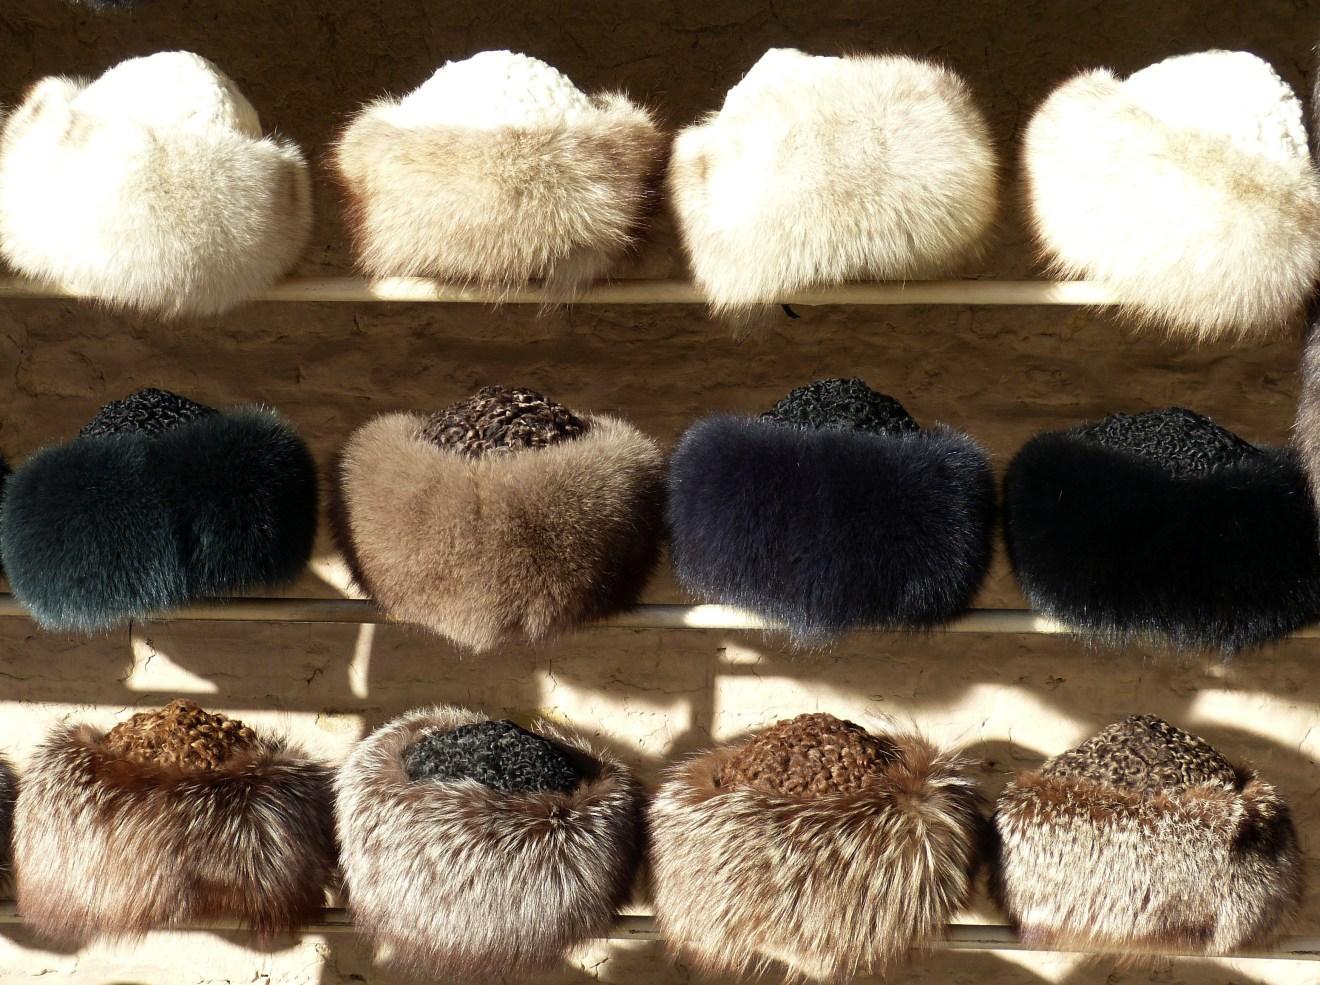 Tierrechtsgruppen fordern ein weltweites Verbot der Pelztierfarmen